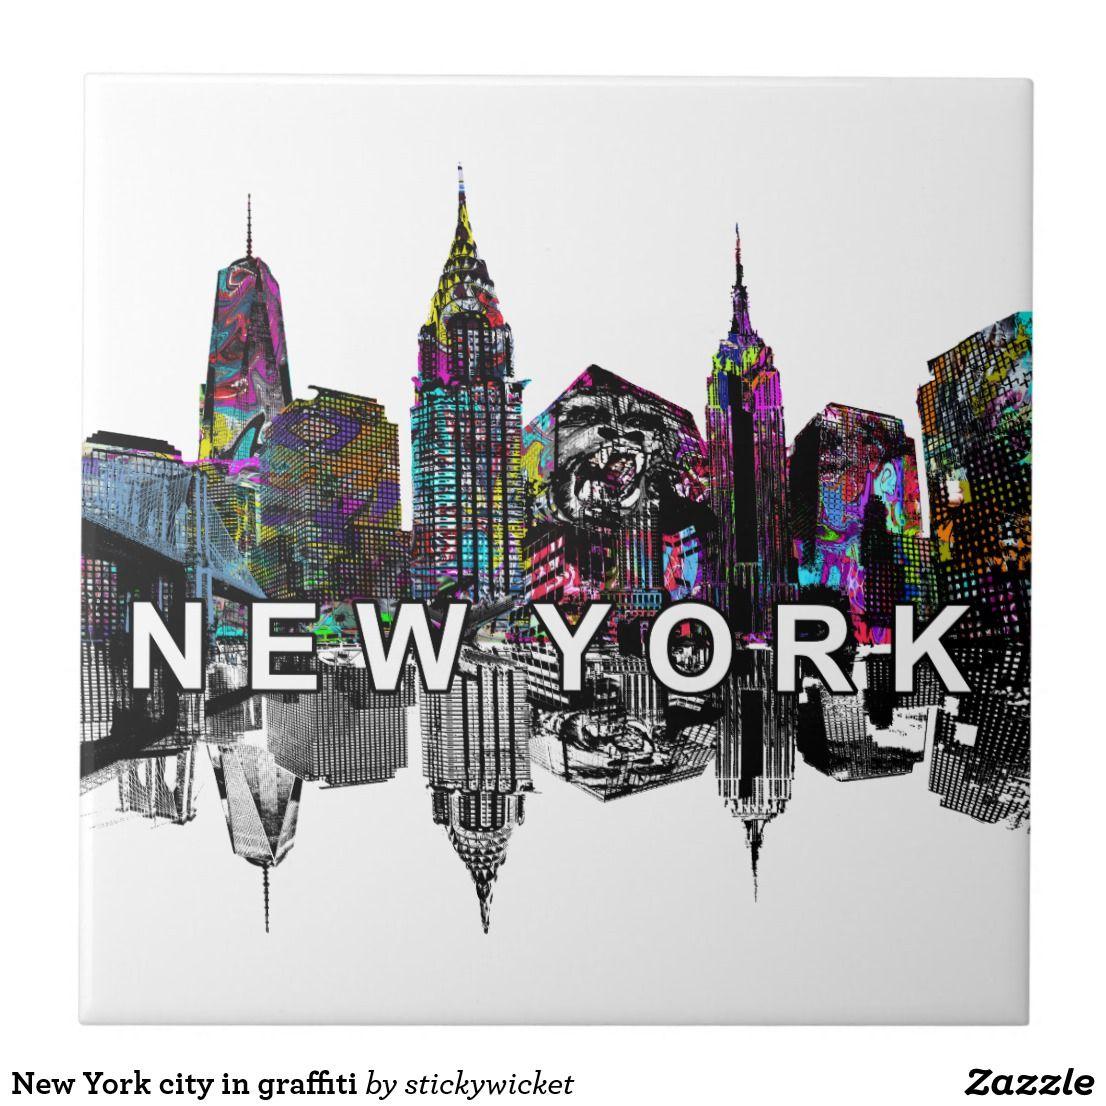 New York City In Graffiti Ceramic Tile Zazzle Com New York Graffiti Graffiti Graffiti Wall Art